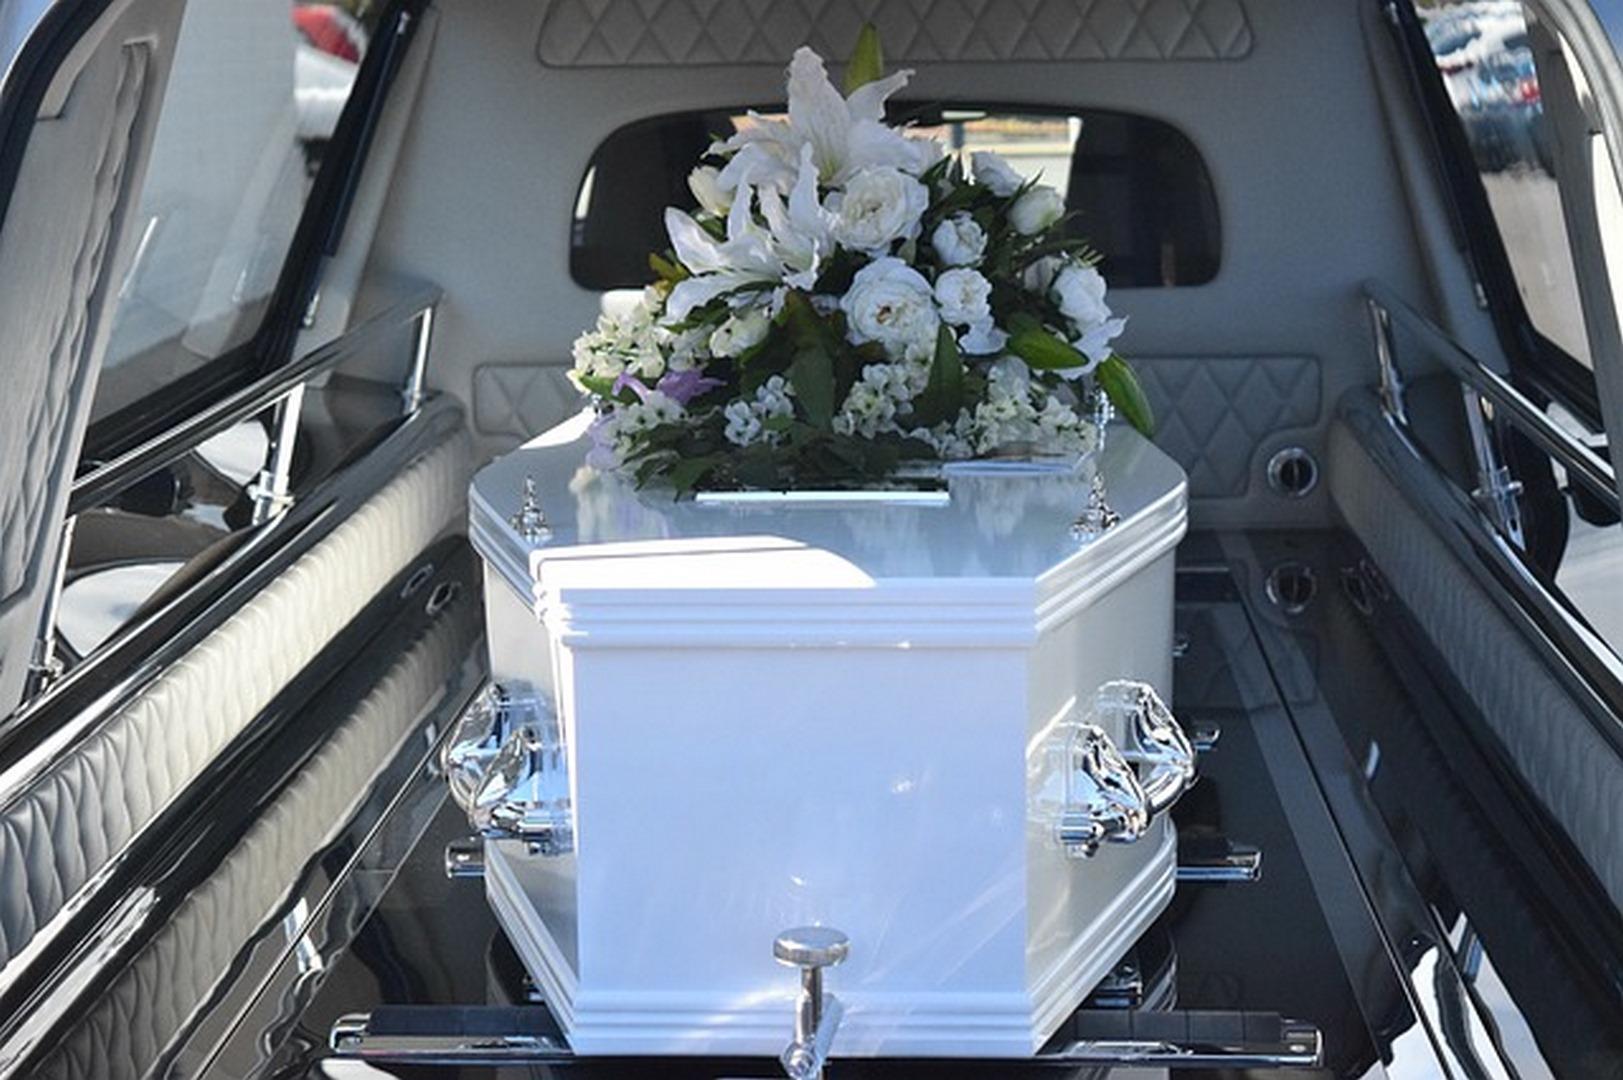 Pogrzeb – czy to tak na prawdę jest?